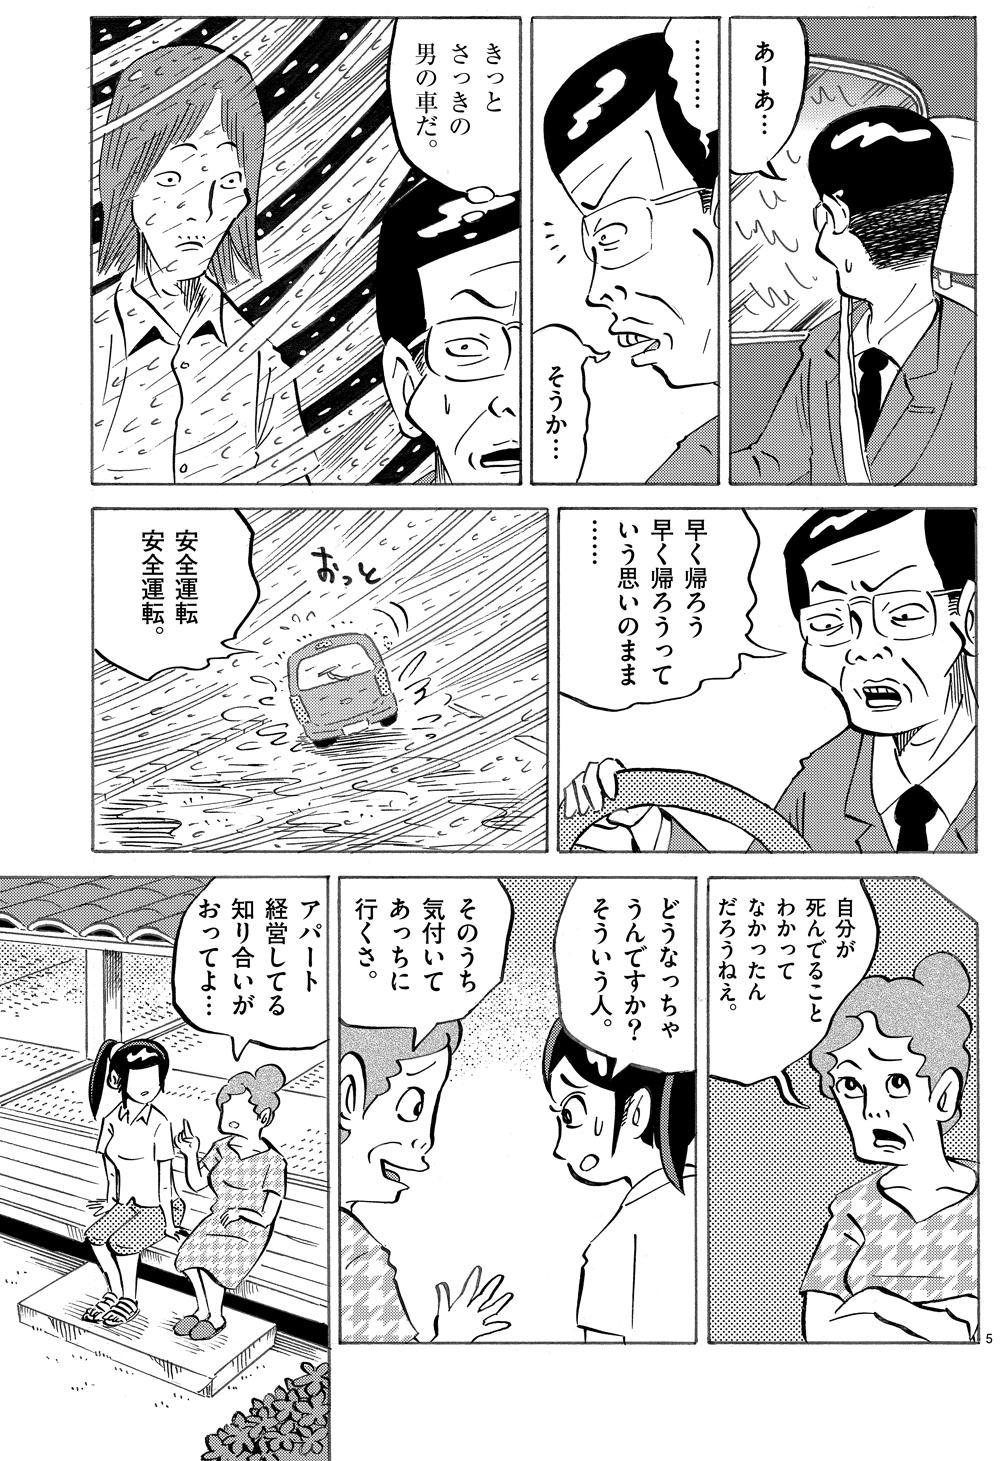 琉球怪談 【第5話】WEB掲載5ページ目画像